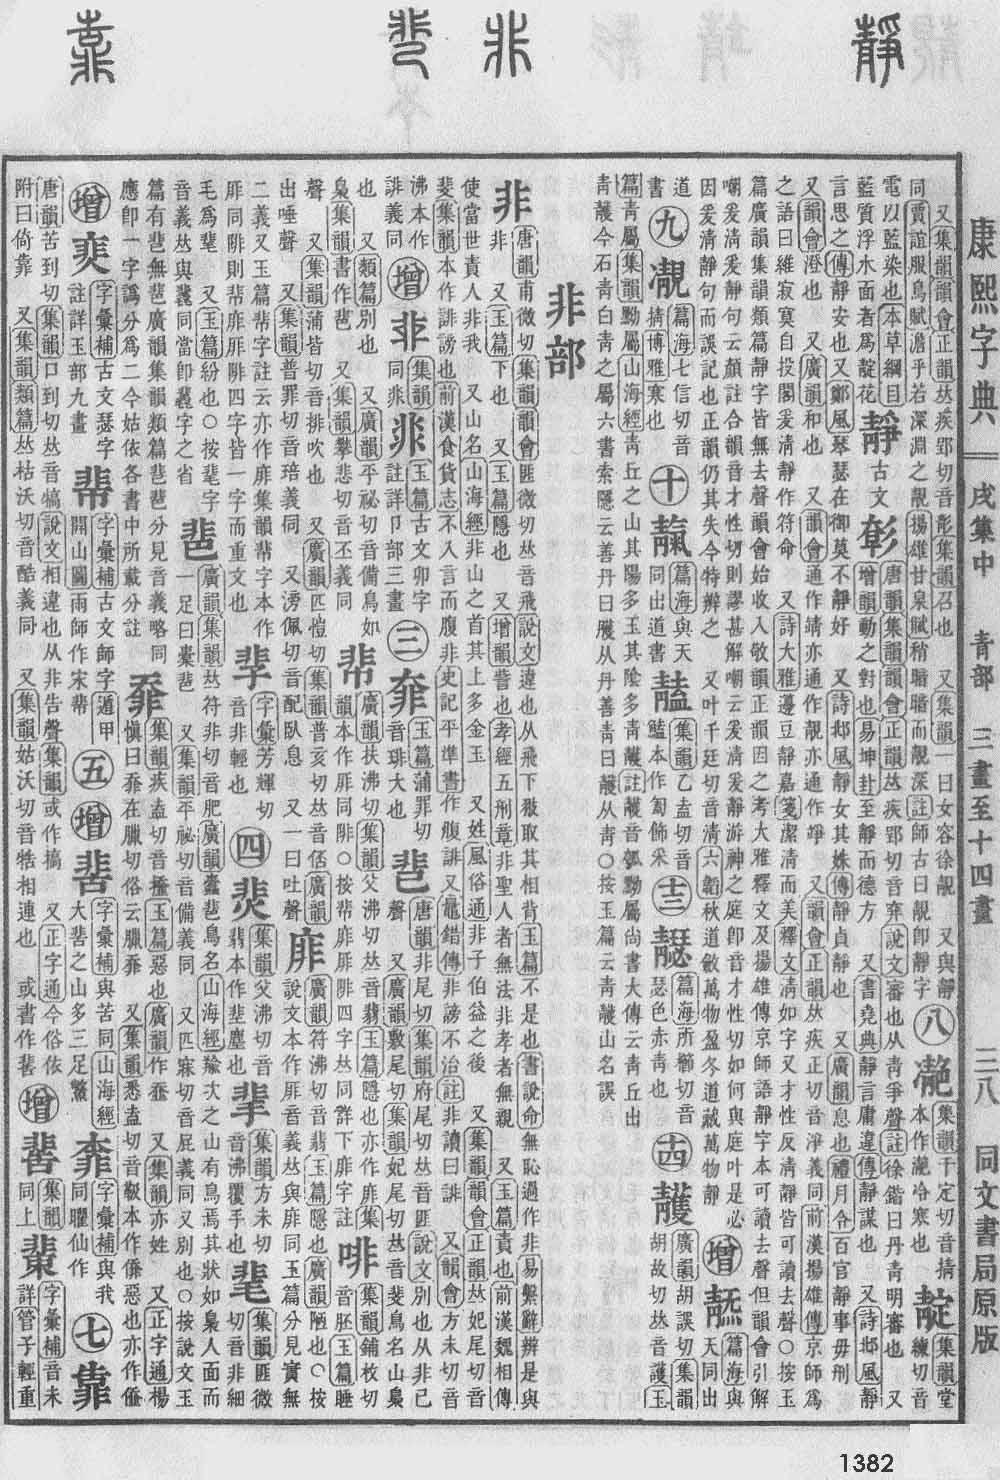 《康熙字典》第1382页